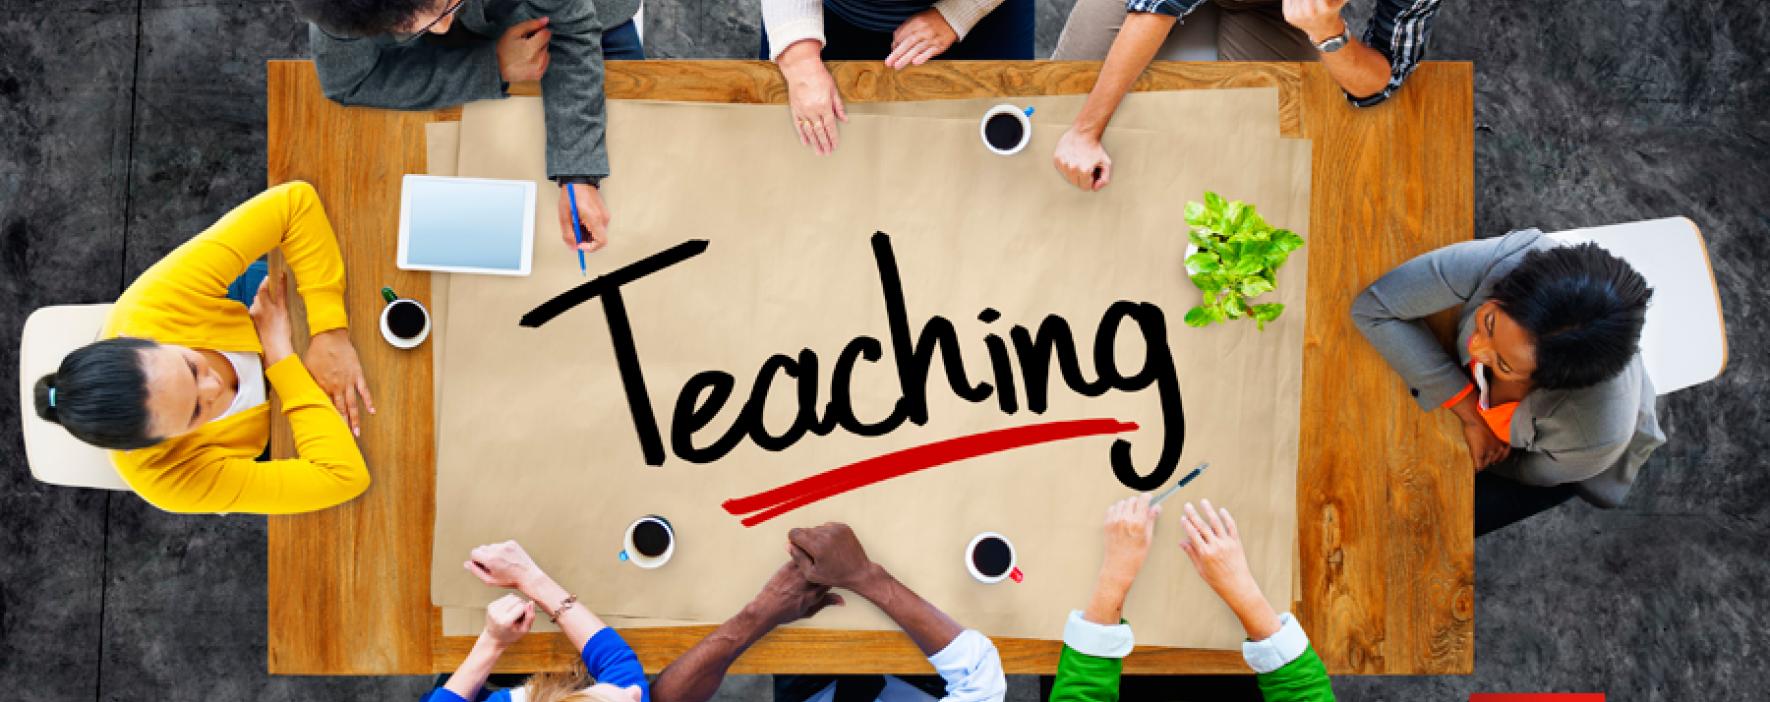 Terminan las visitas de los evaluadores a maestros y rectores